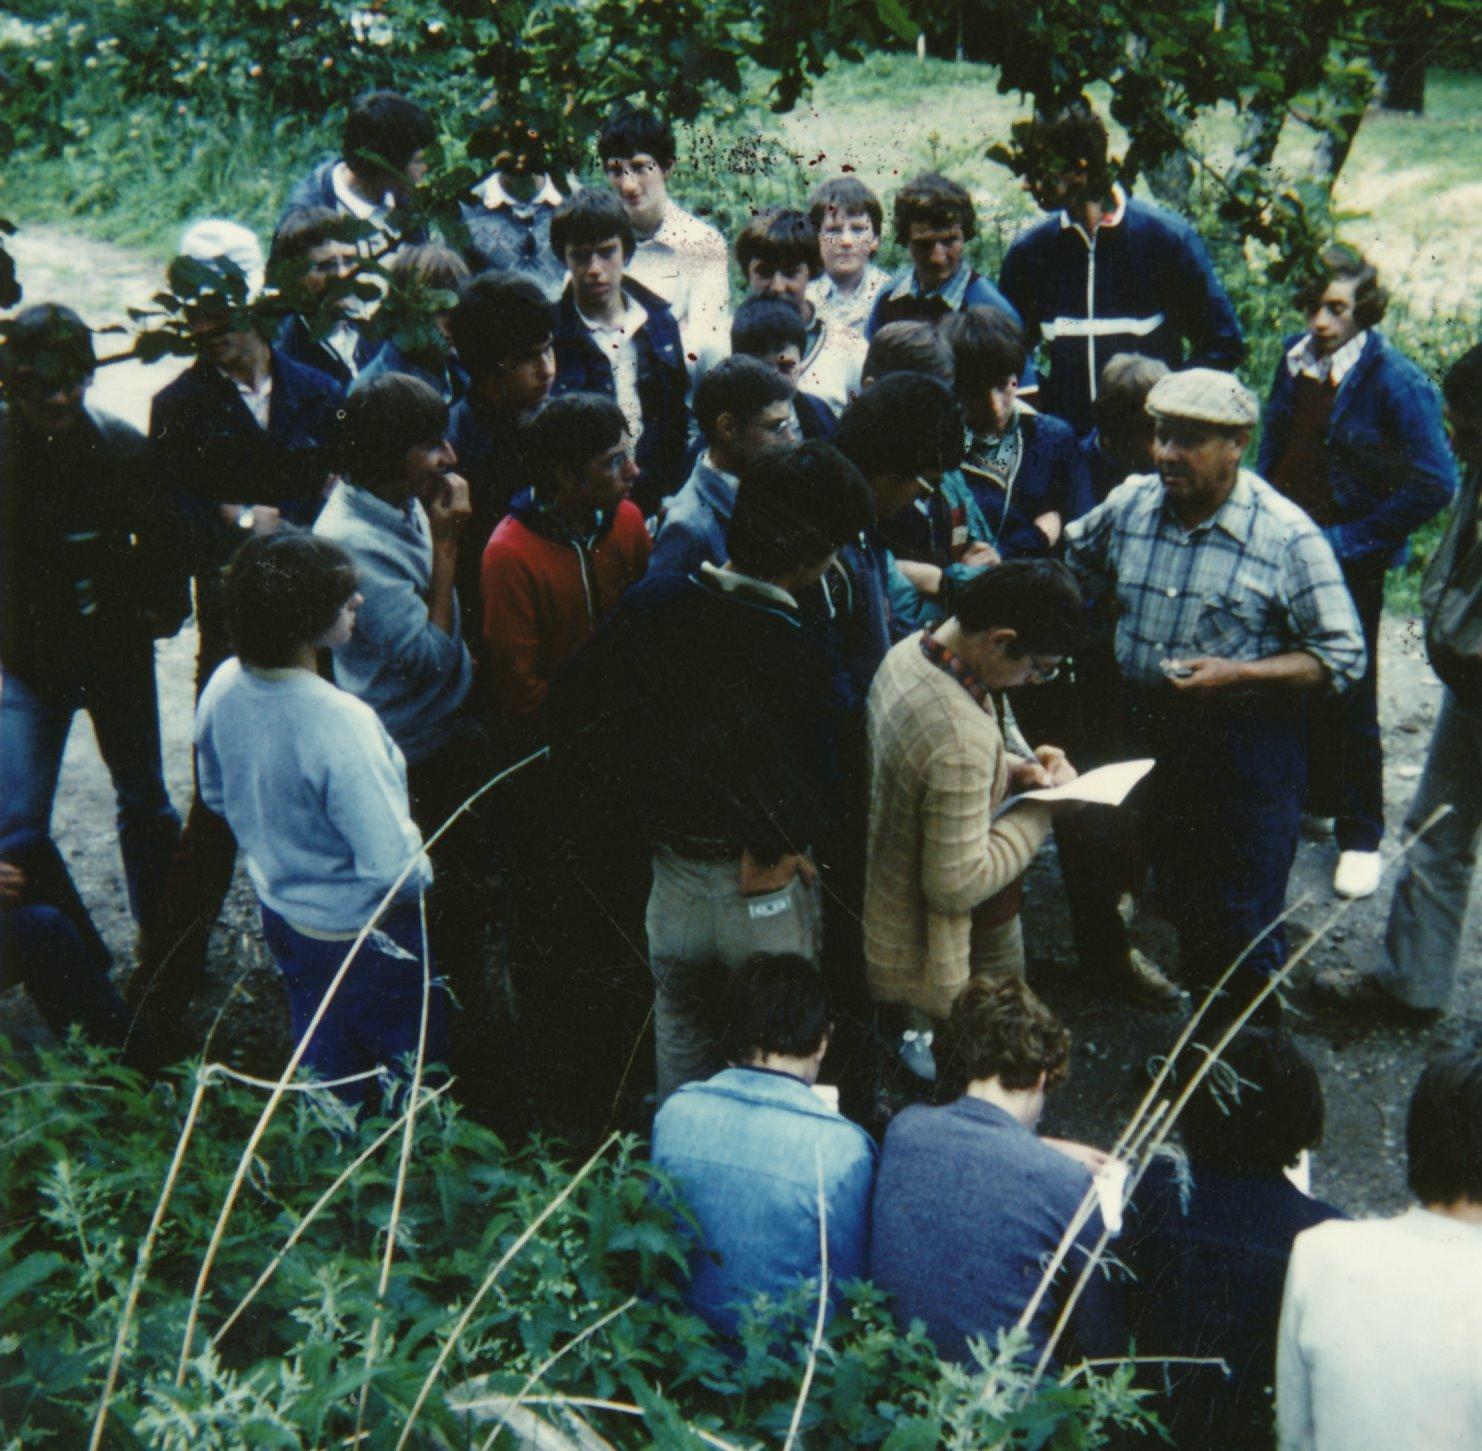 Archives anciens élèves mfr puy-sec 1982 (2)